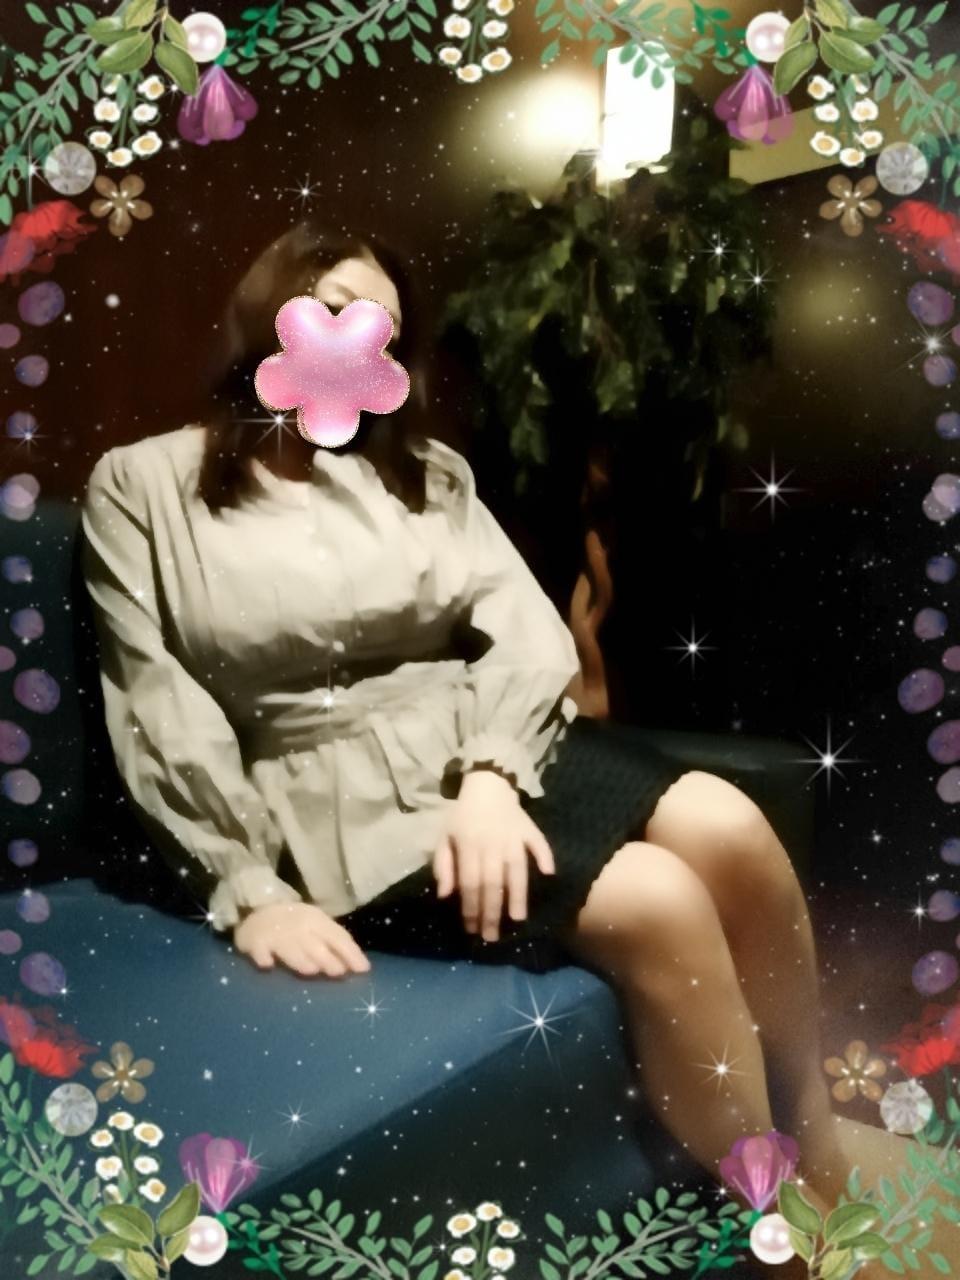 村上 りえ「先ほどは…(???)」02/27(木) 15:40   村上 りえの写メ・風俗動画